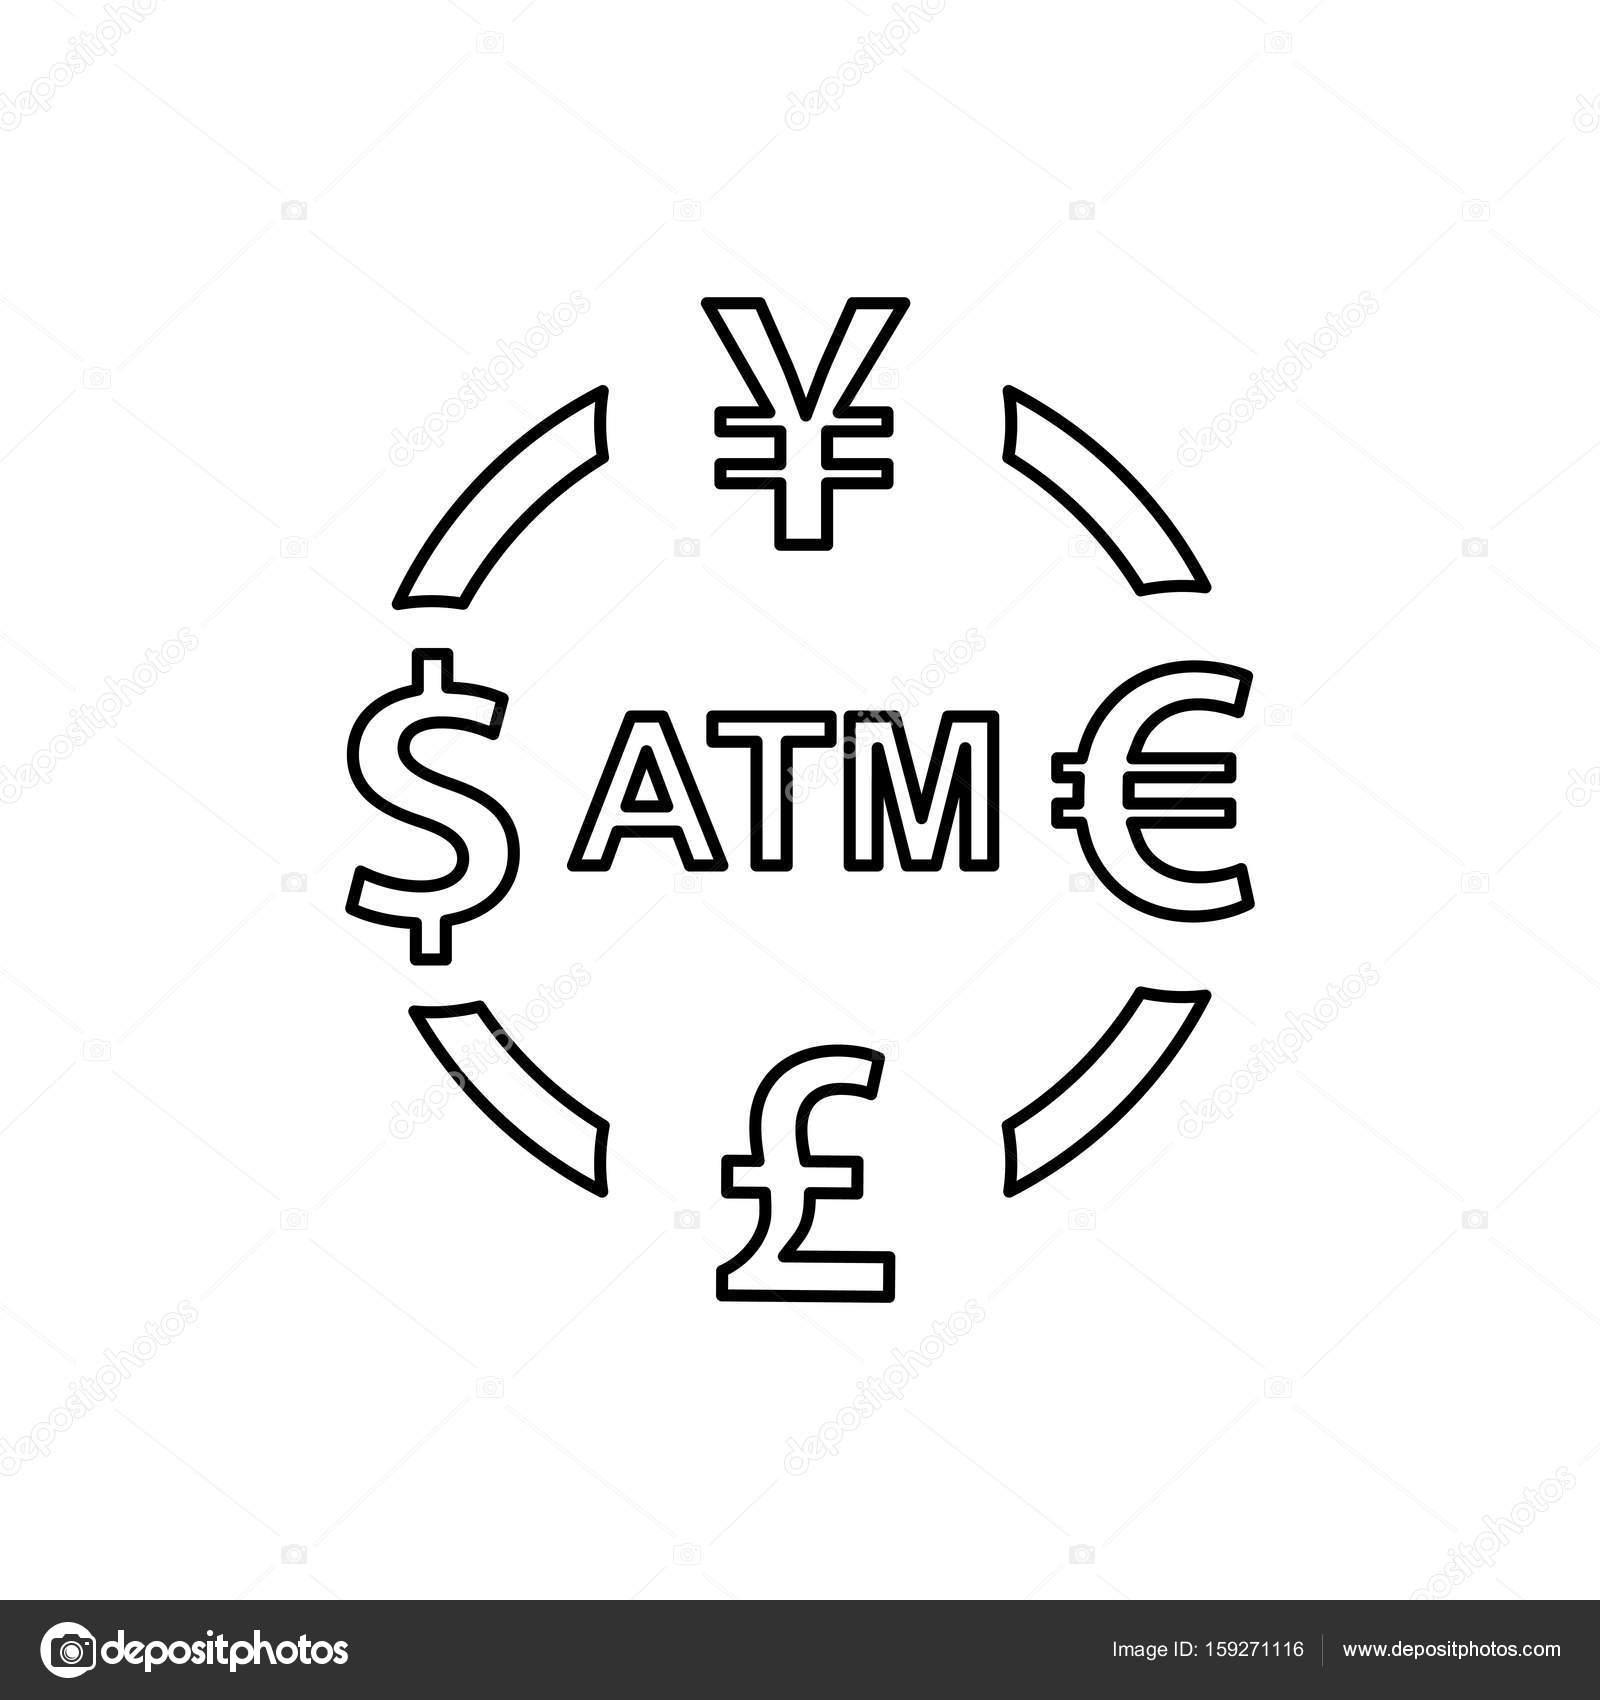 Icone De Change De Devises Signes D Atm Livre Euro Dollar